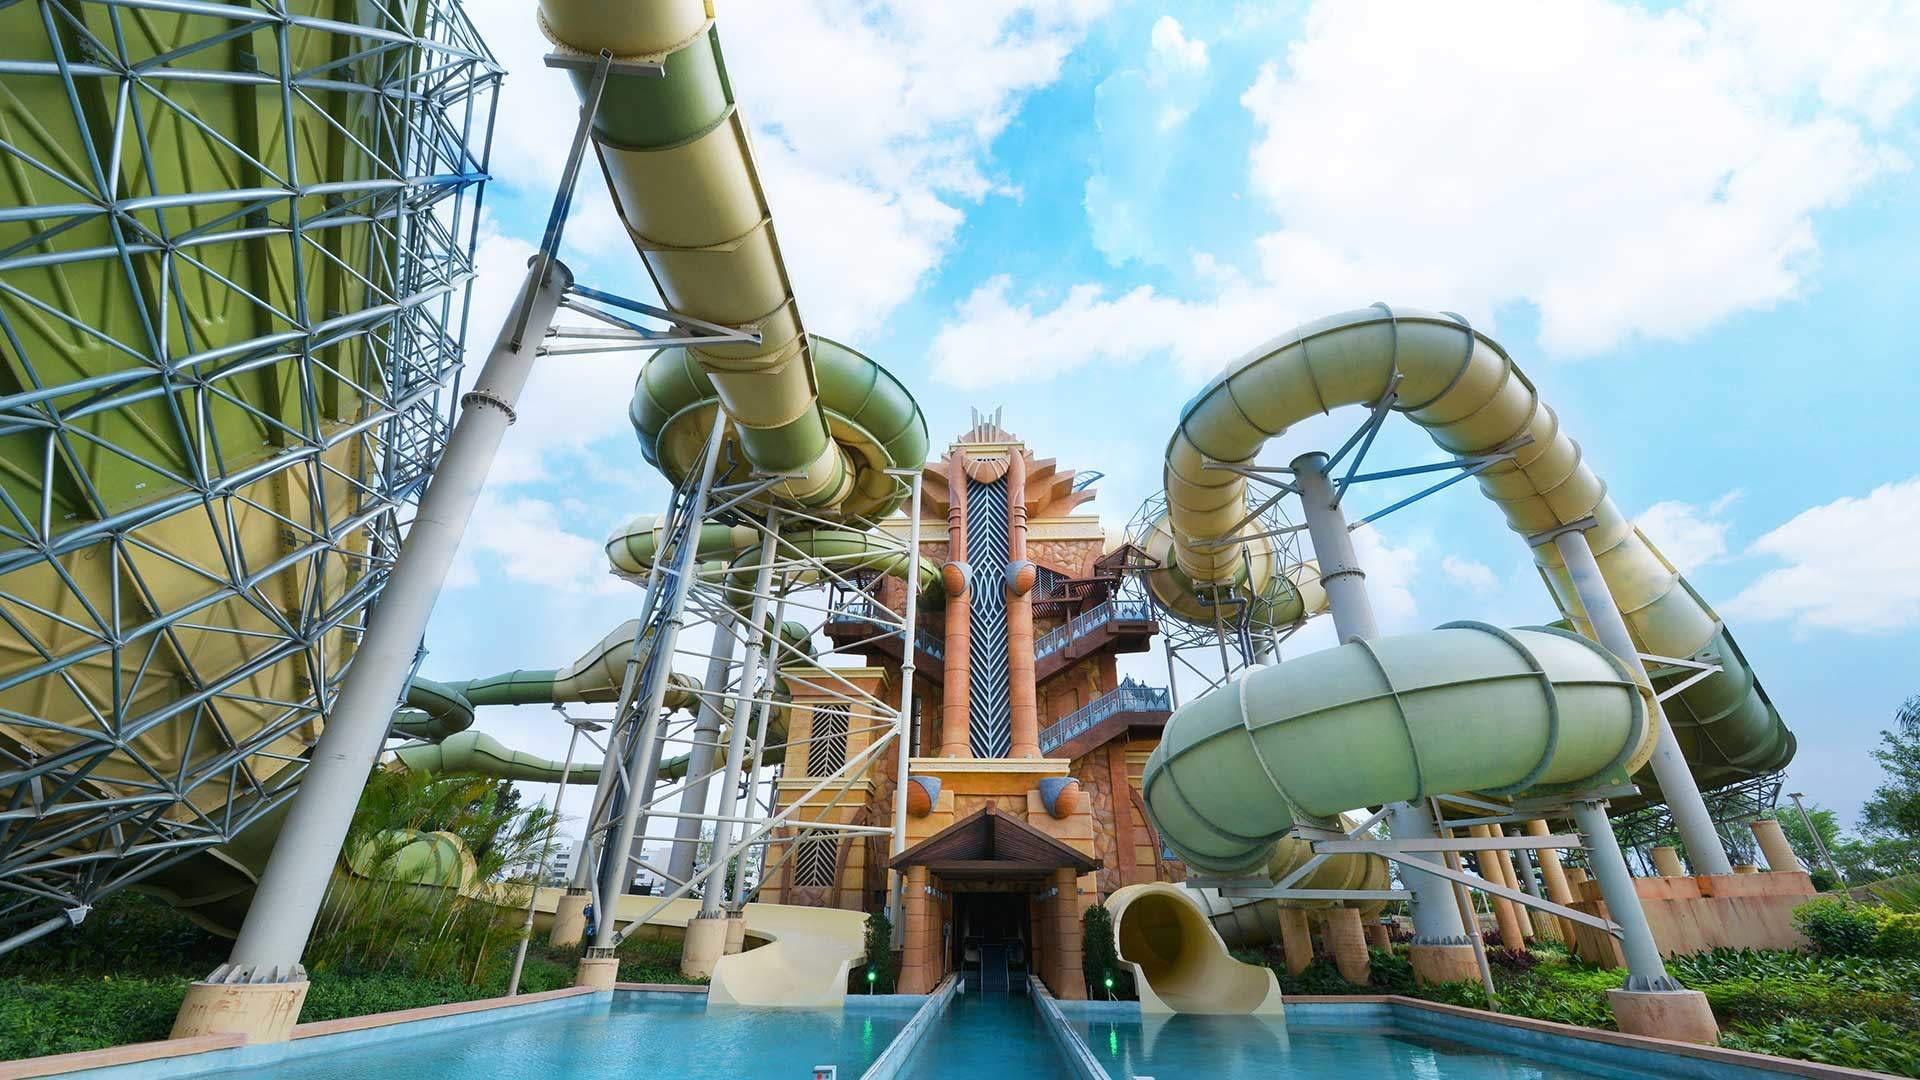 Aquaventure Waterpark at Atlantis Sanya